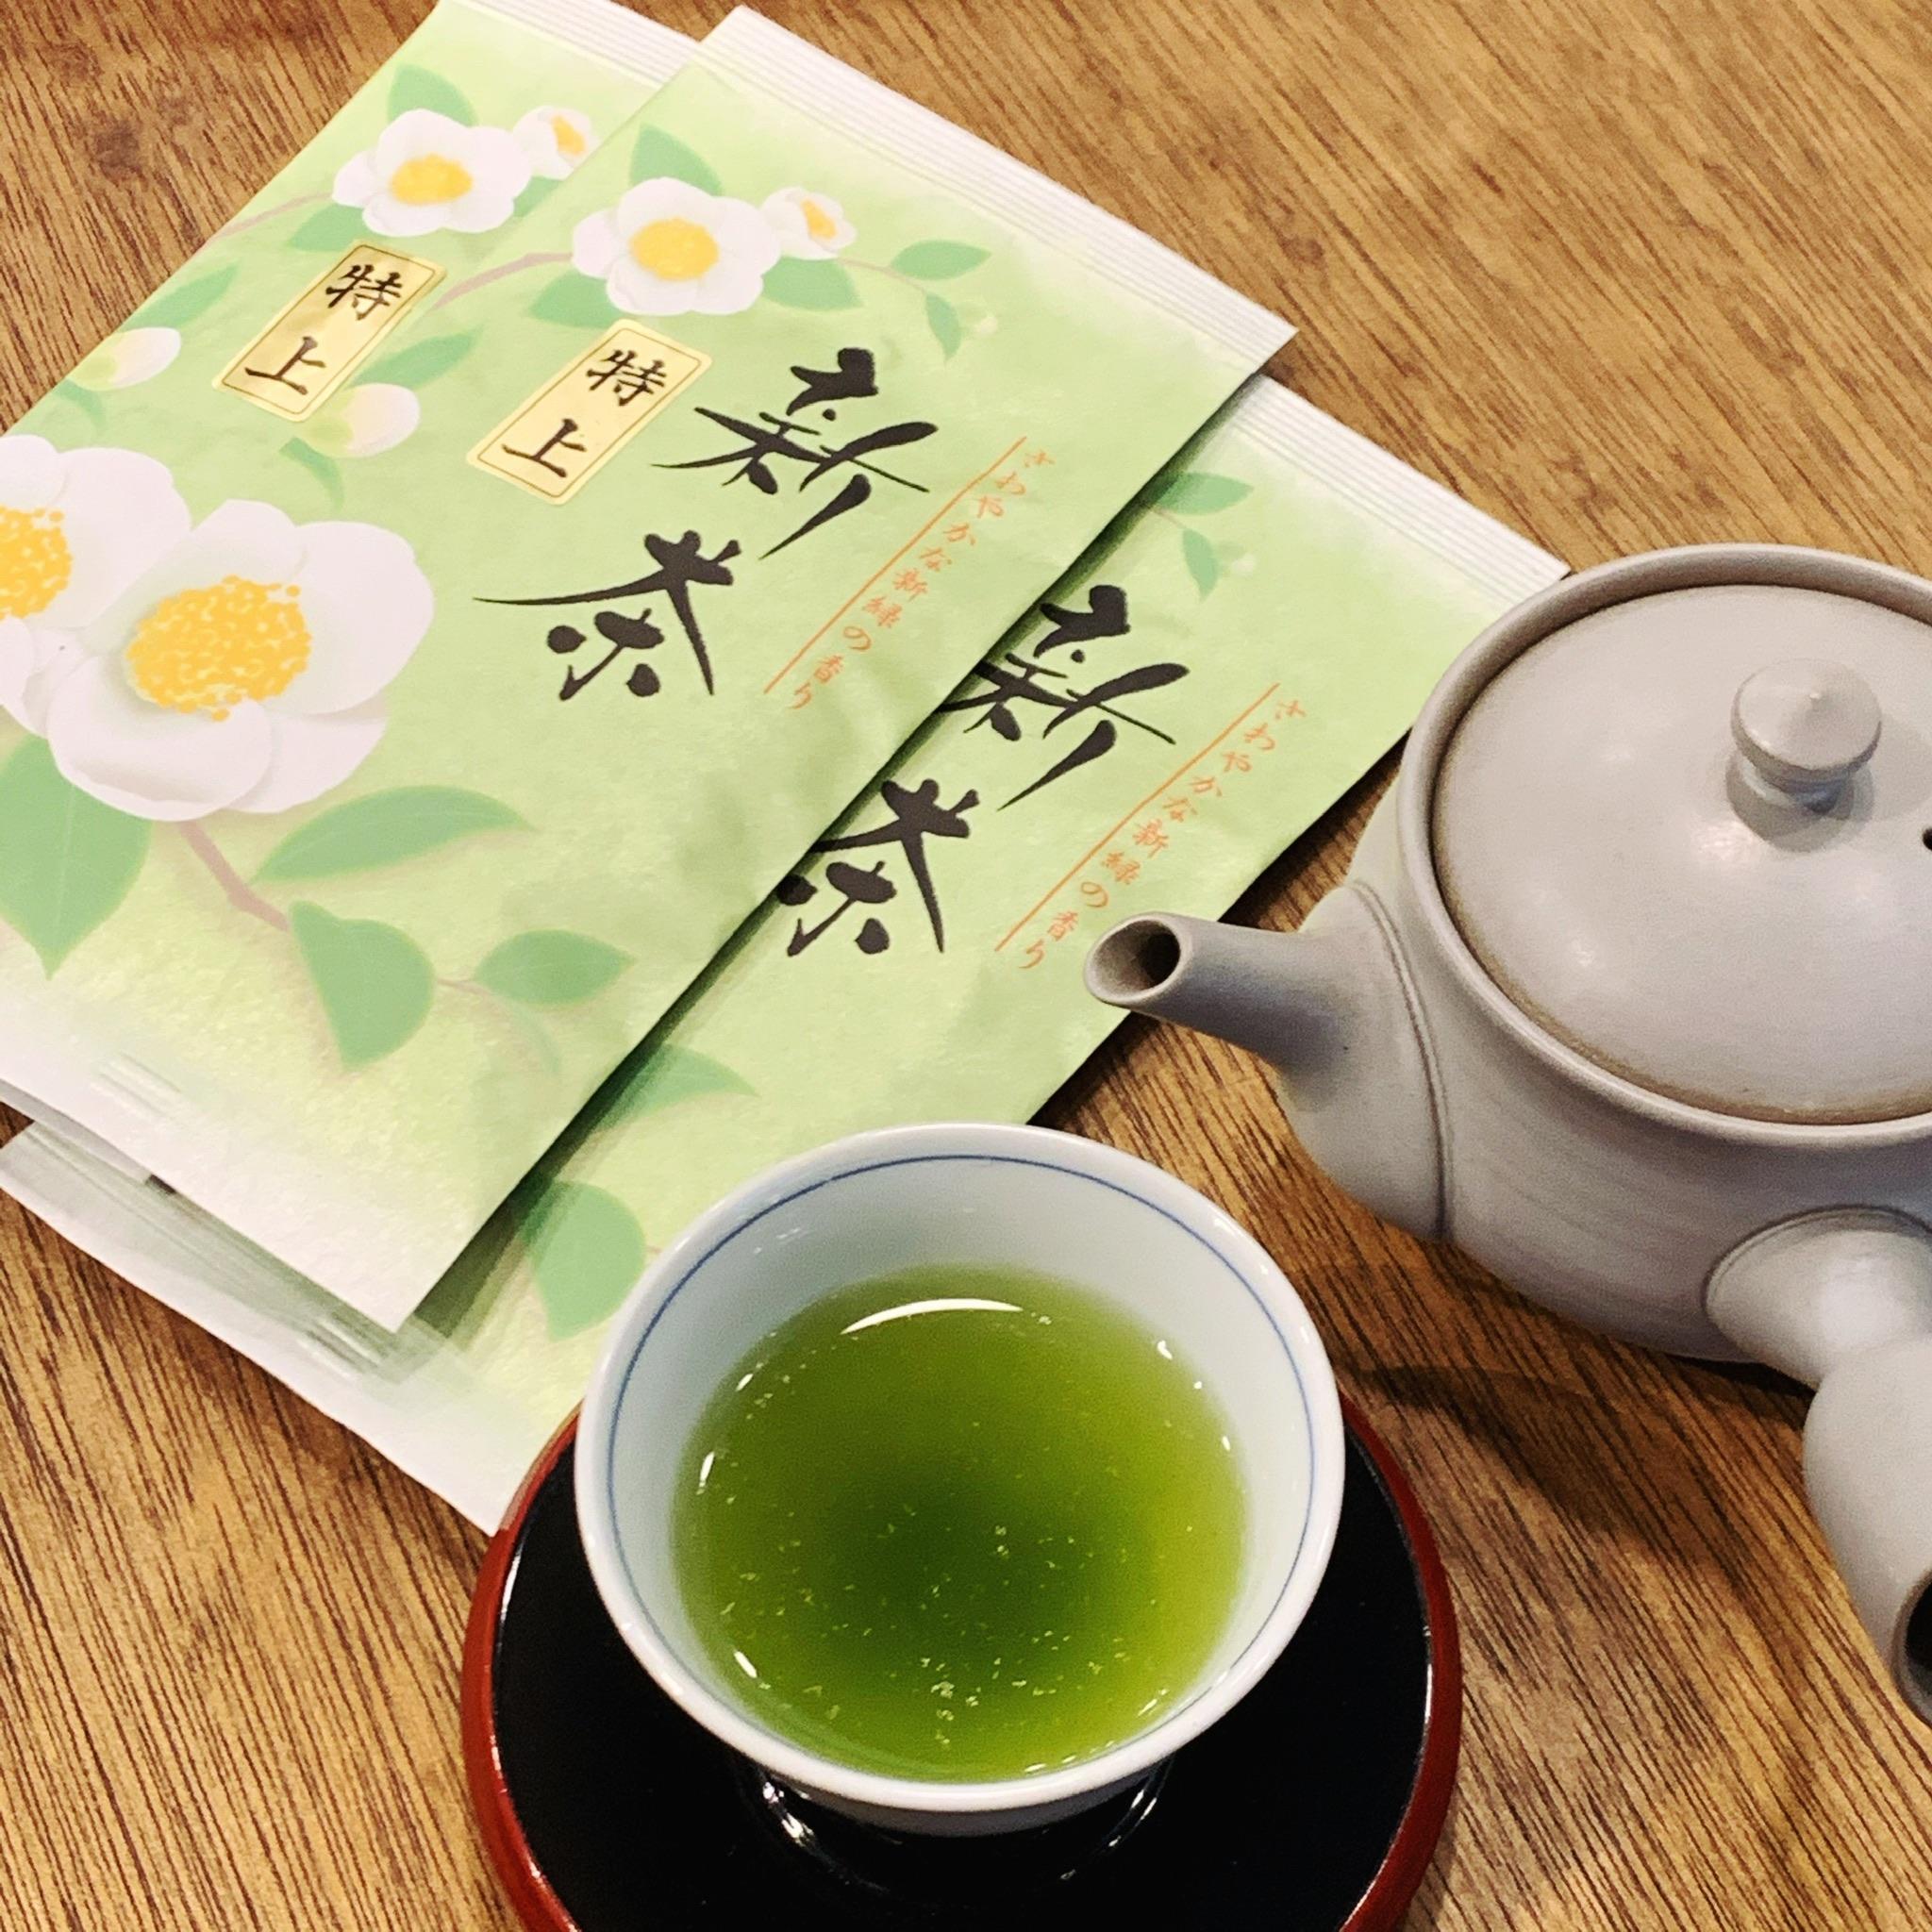 【鹿児島新茶】特上80gゆたかみどり